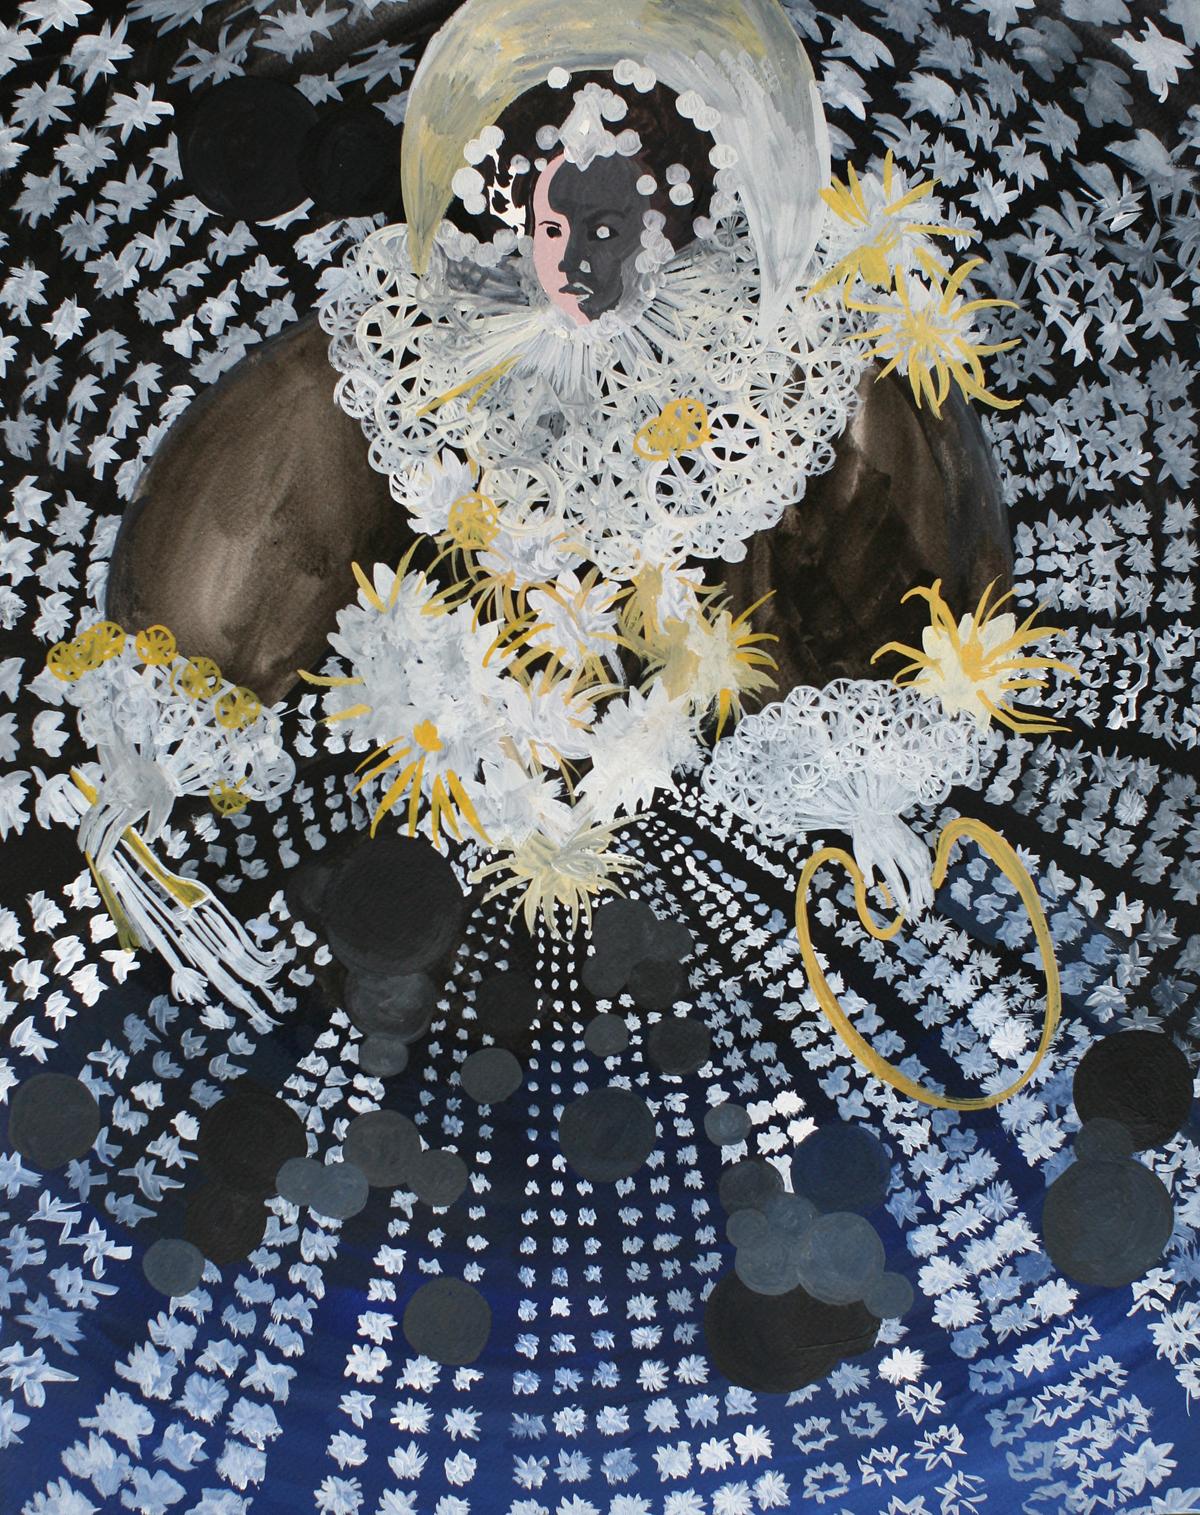 Pola Dwurnik, Królowa malarstwa inocy, 2014, gwasz napapierze